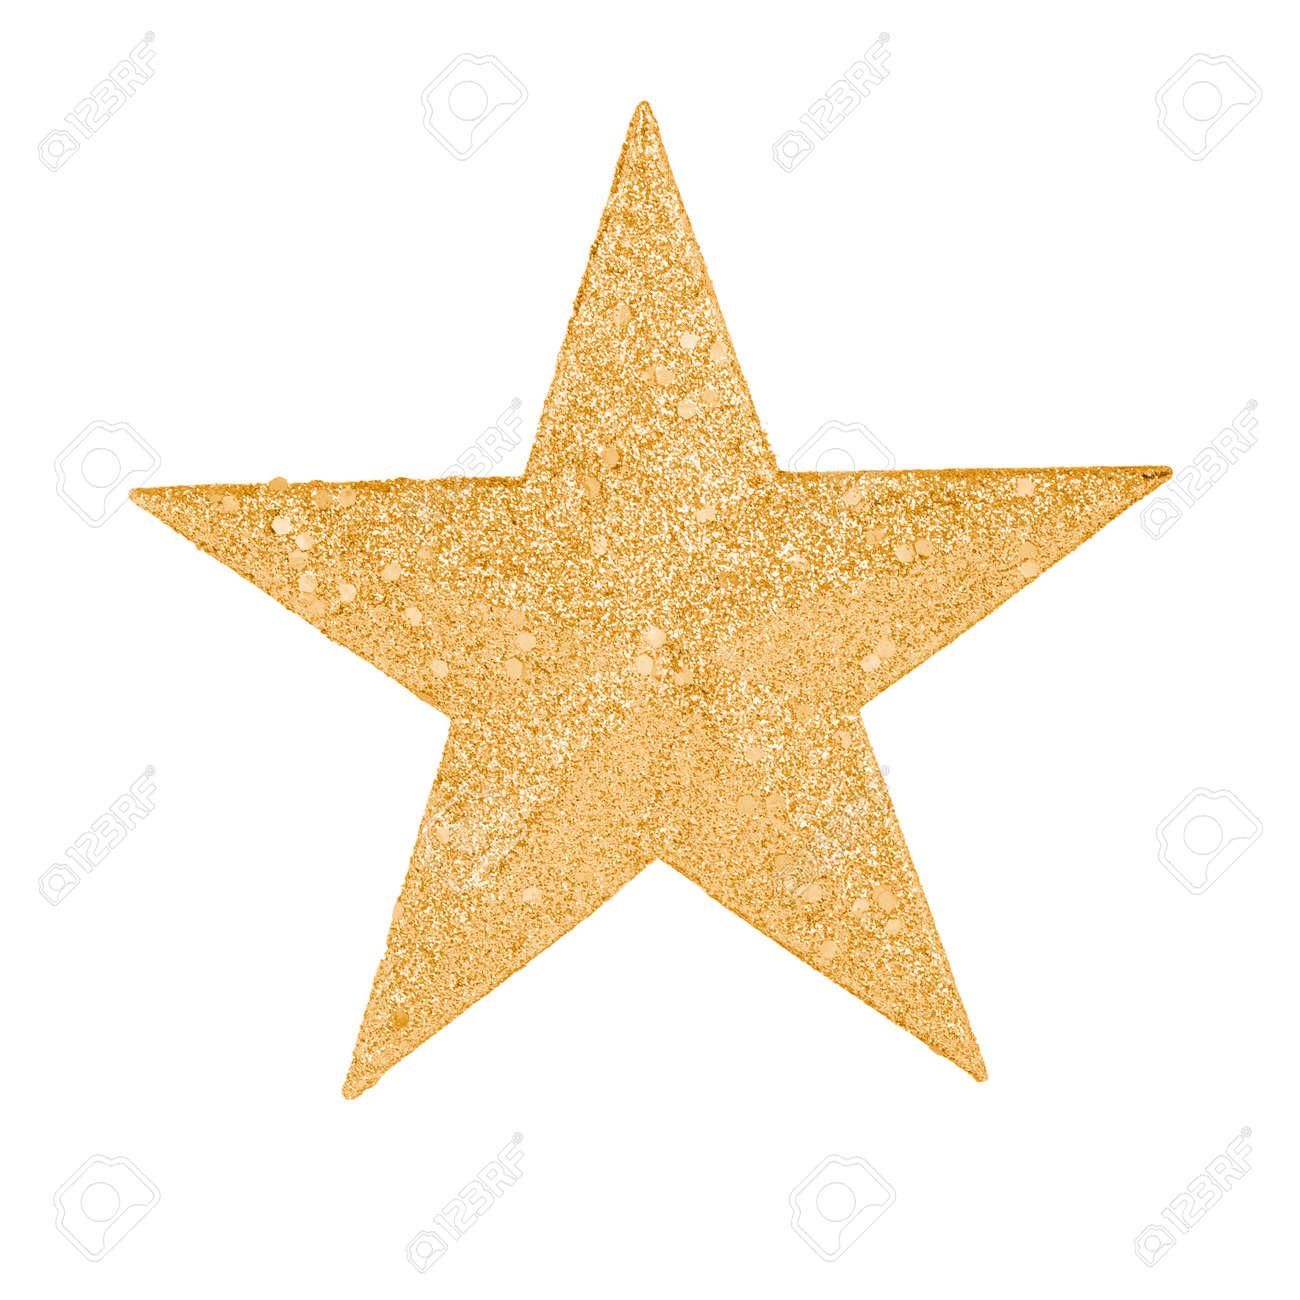 una estrella de oro para decorar un rbol de navidad foto de archivo